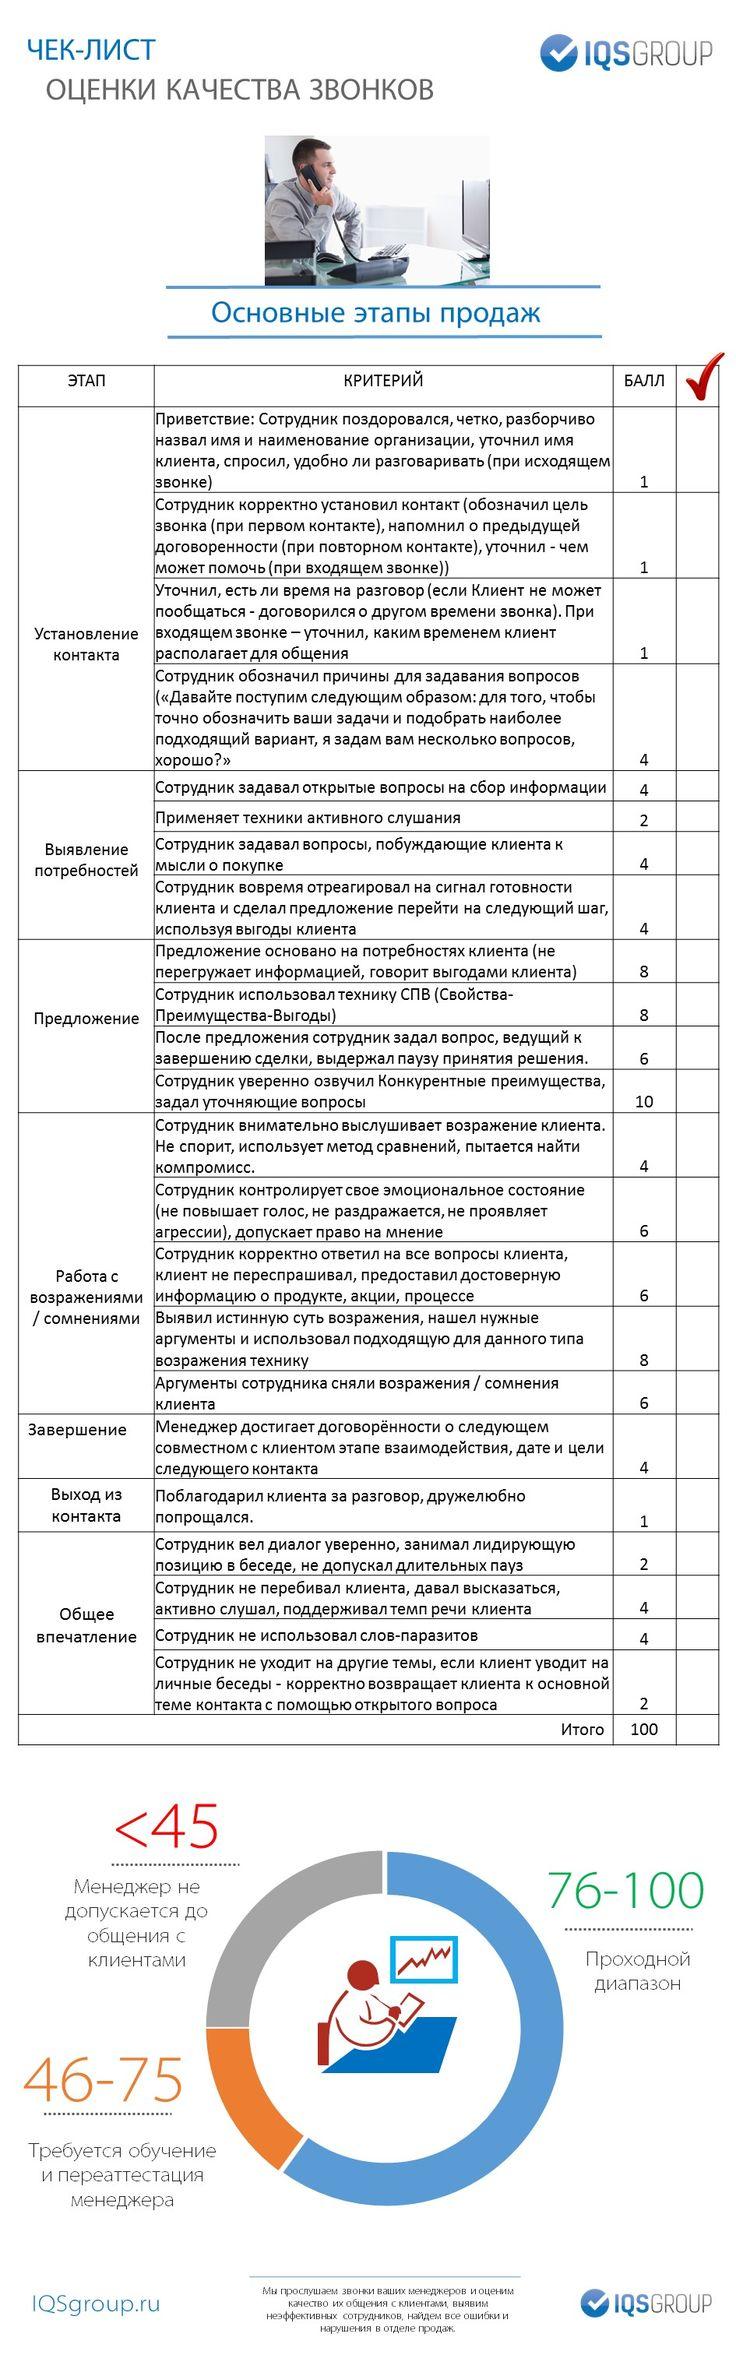 Универсальный чек-лист оценки качества общения менеджеров по продажам с клиентами по телефону